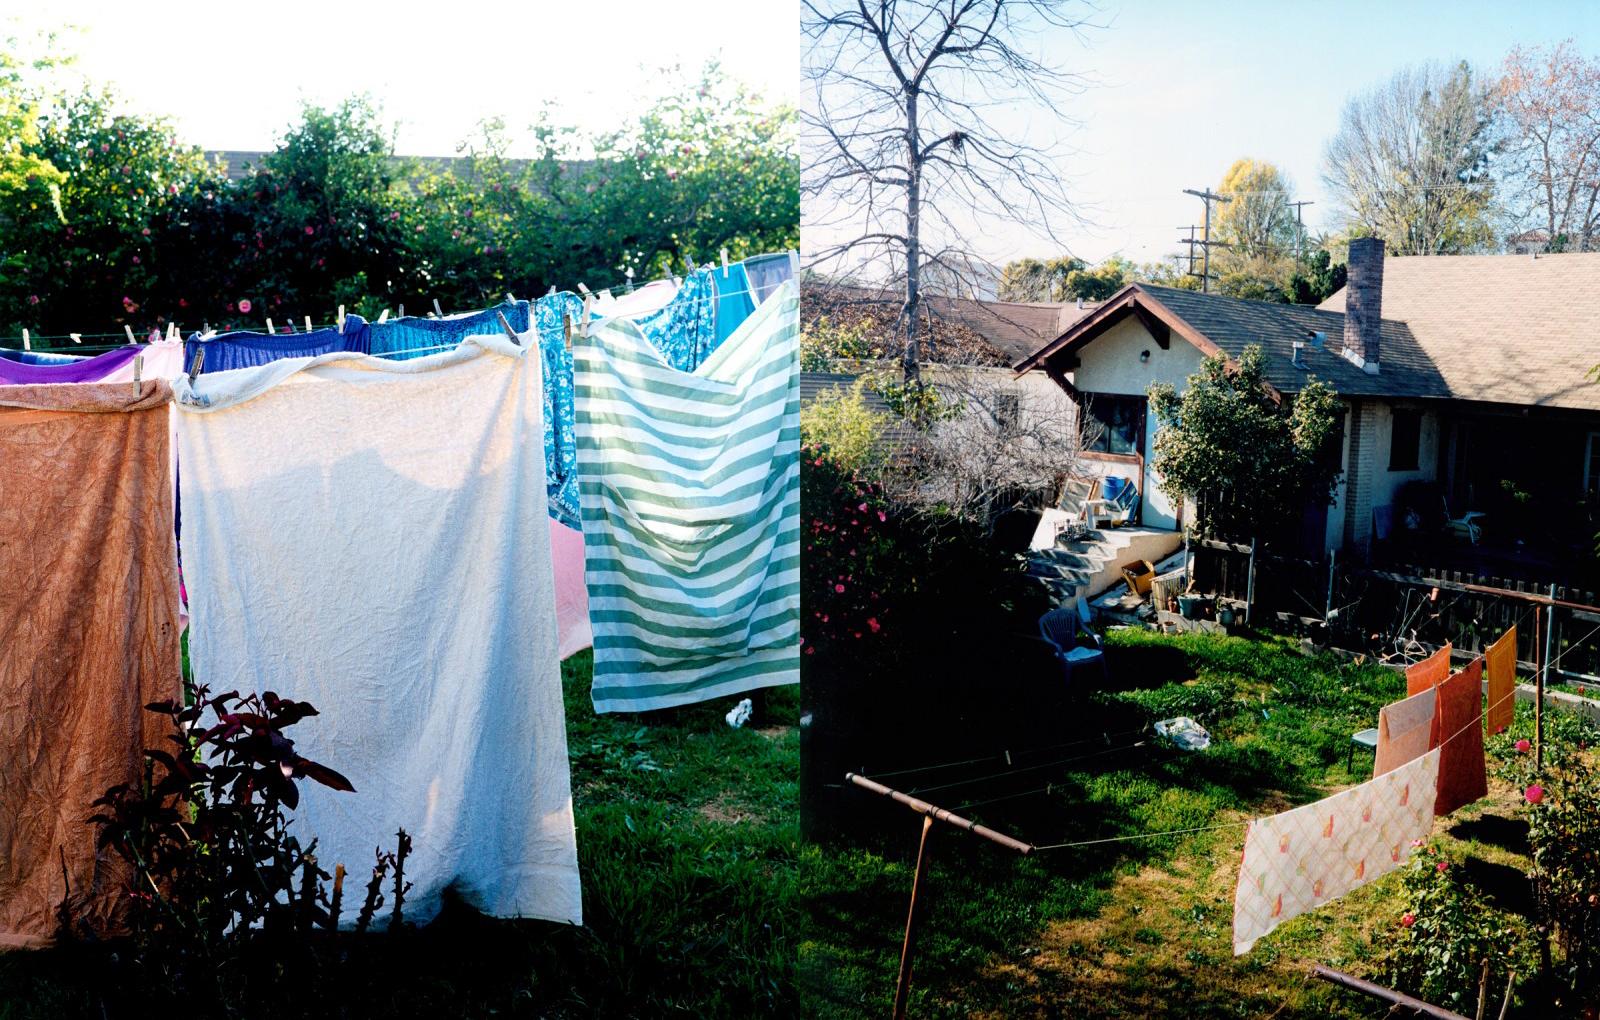 ec_backyard_52-53.jpg